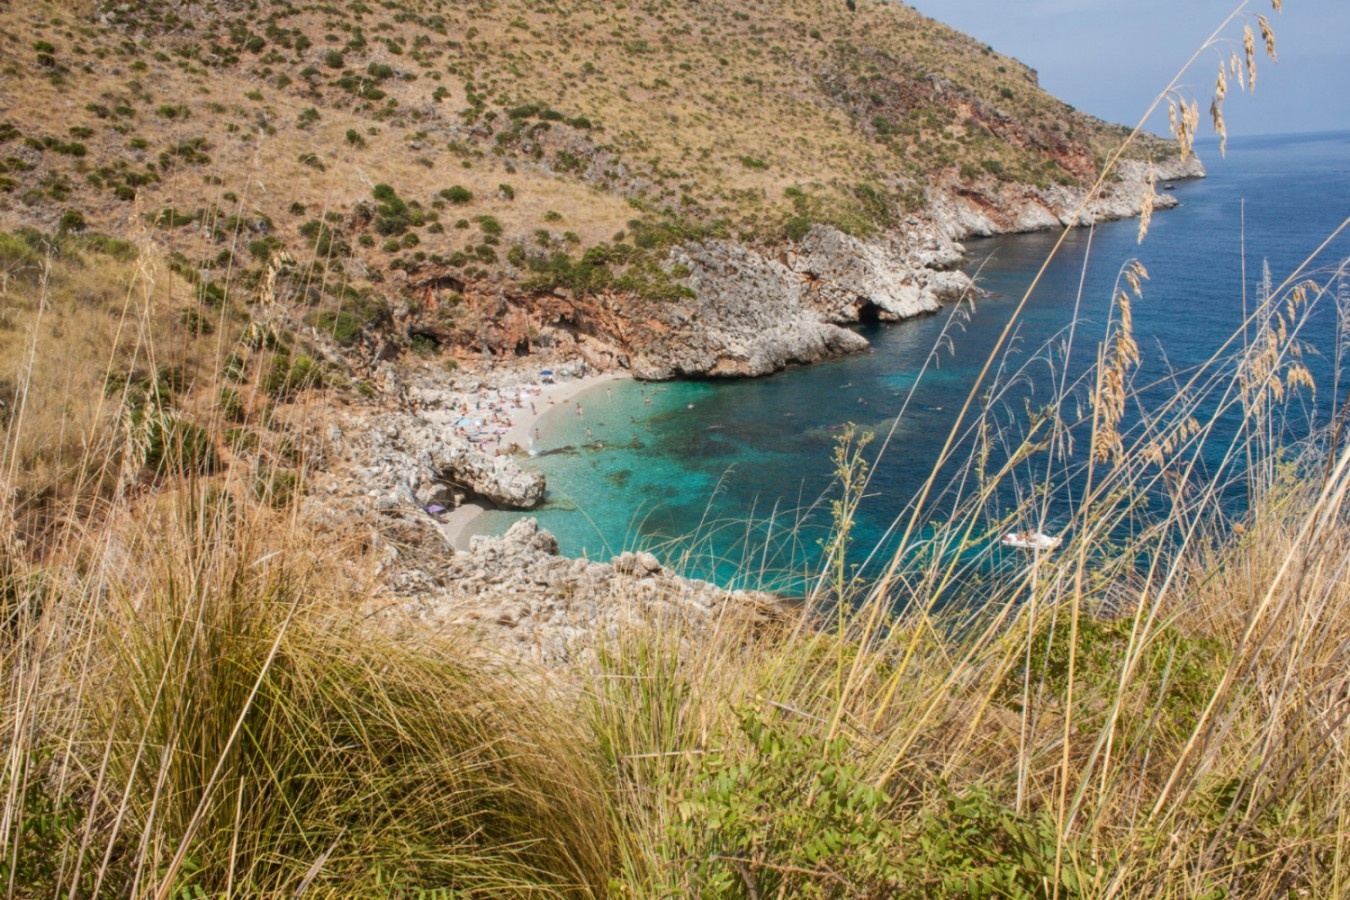 Szicília édenkertje - Riserva Naturale Dello Zingaro